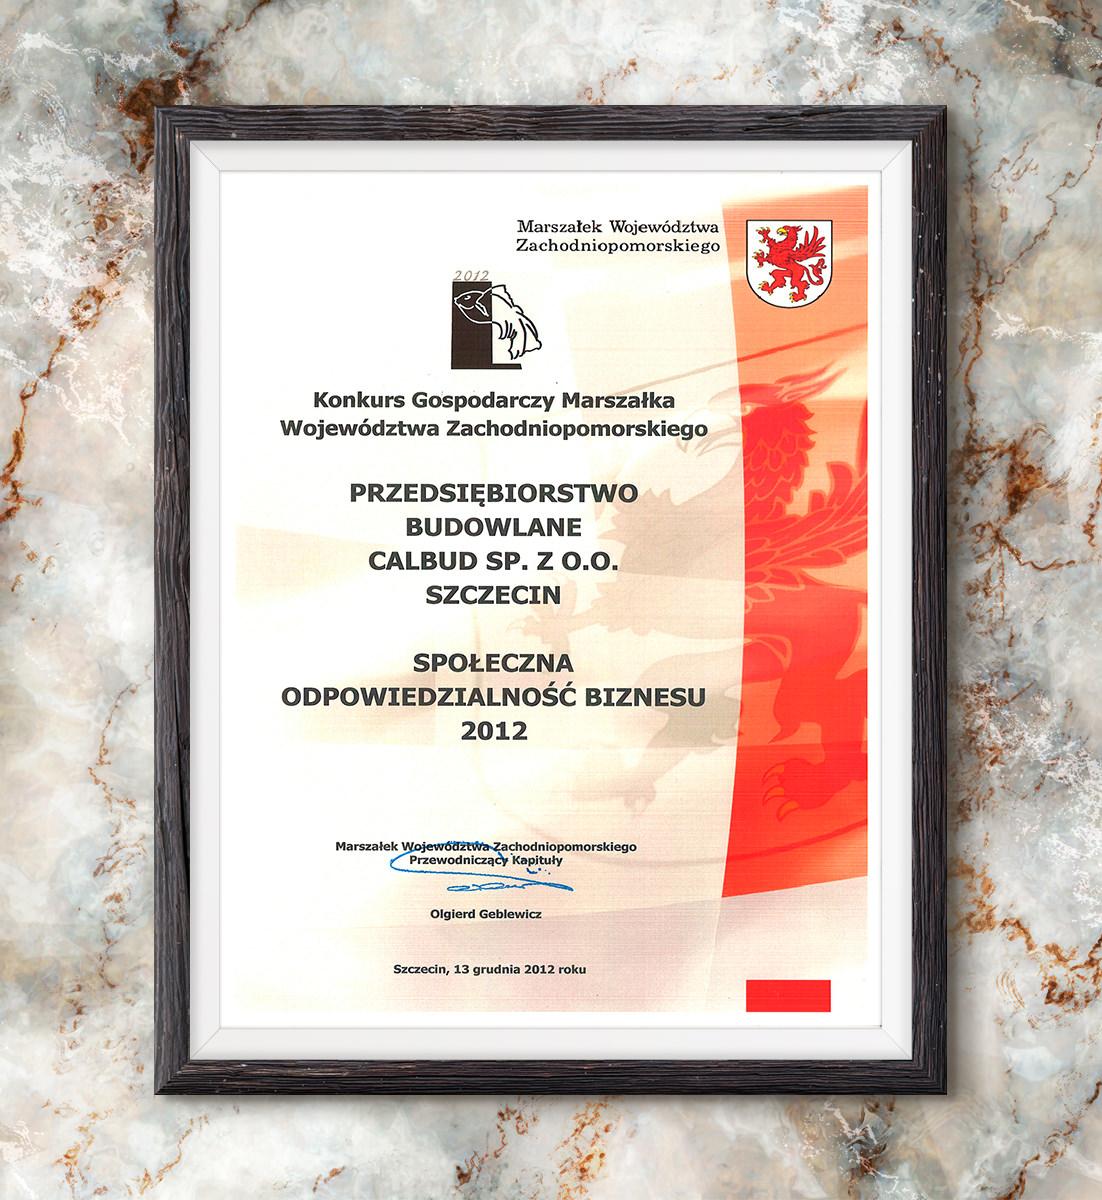 Złota Rybka 2012 - laureat w kategorii